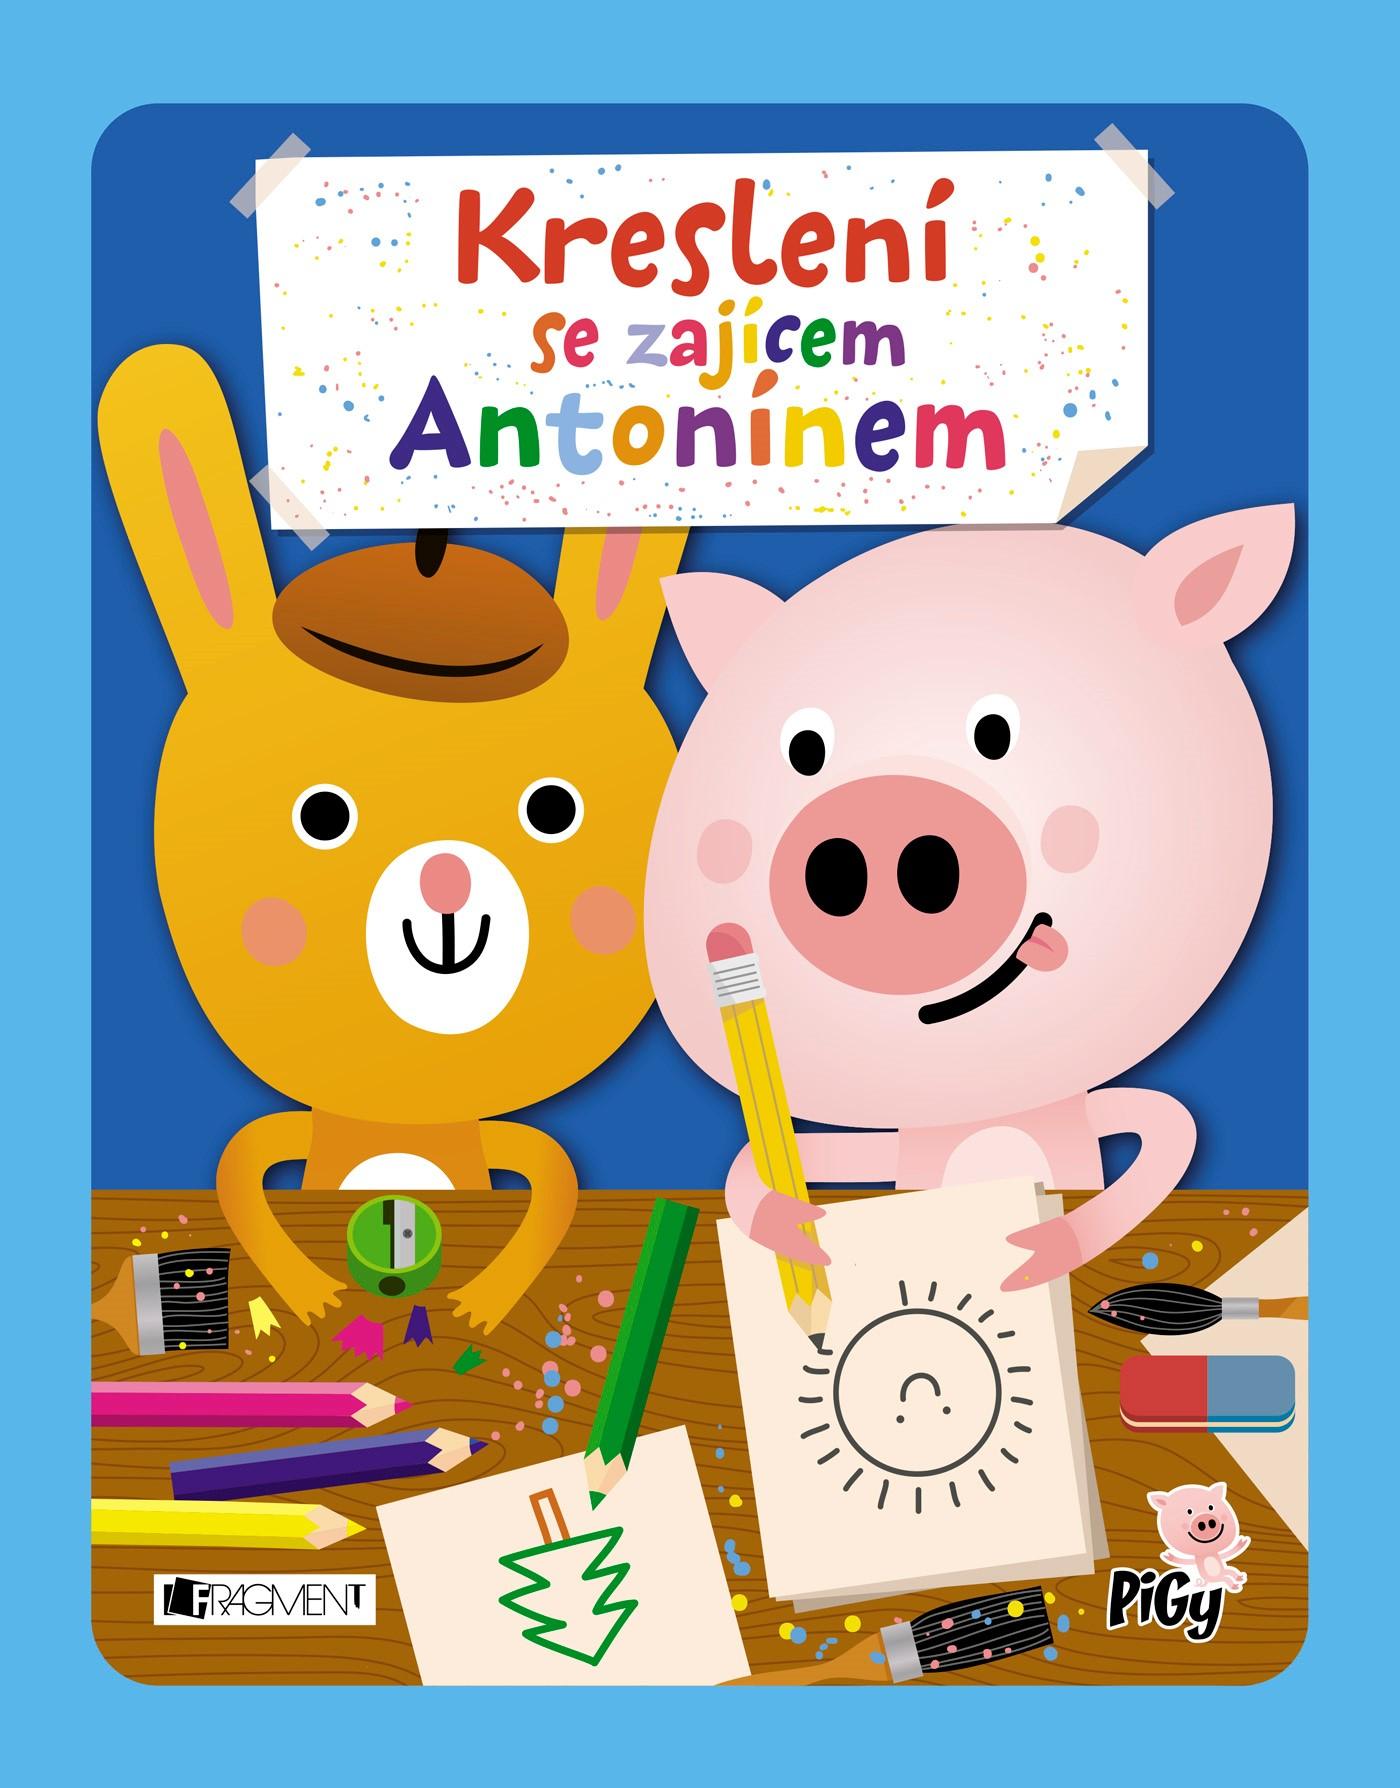 Kreslení se zajícem Antonínem | Jan Vajda, Zuzana Pavésková